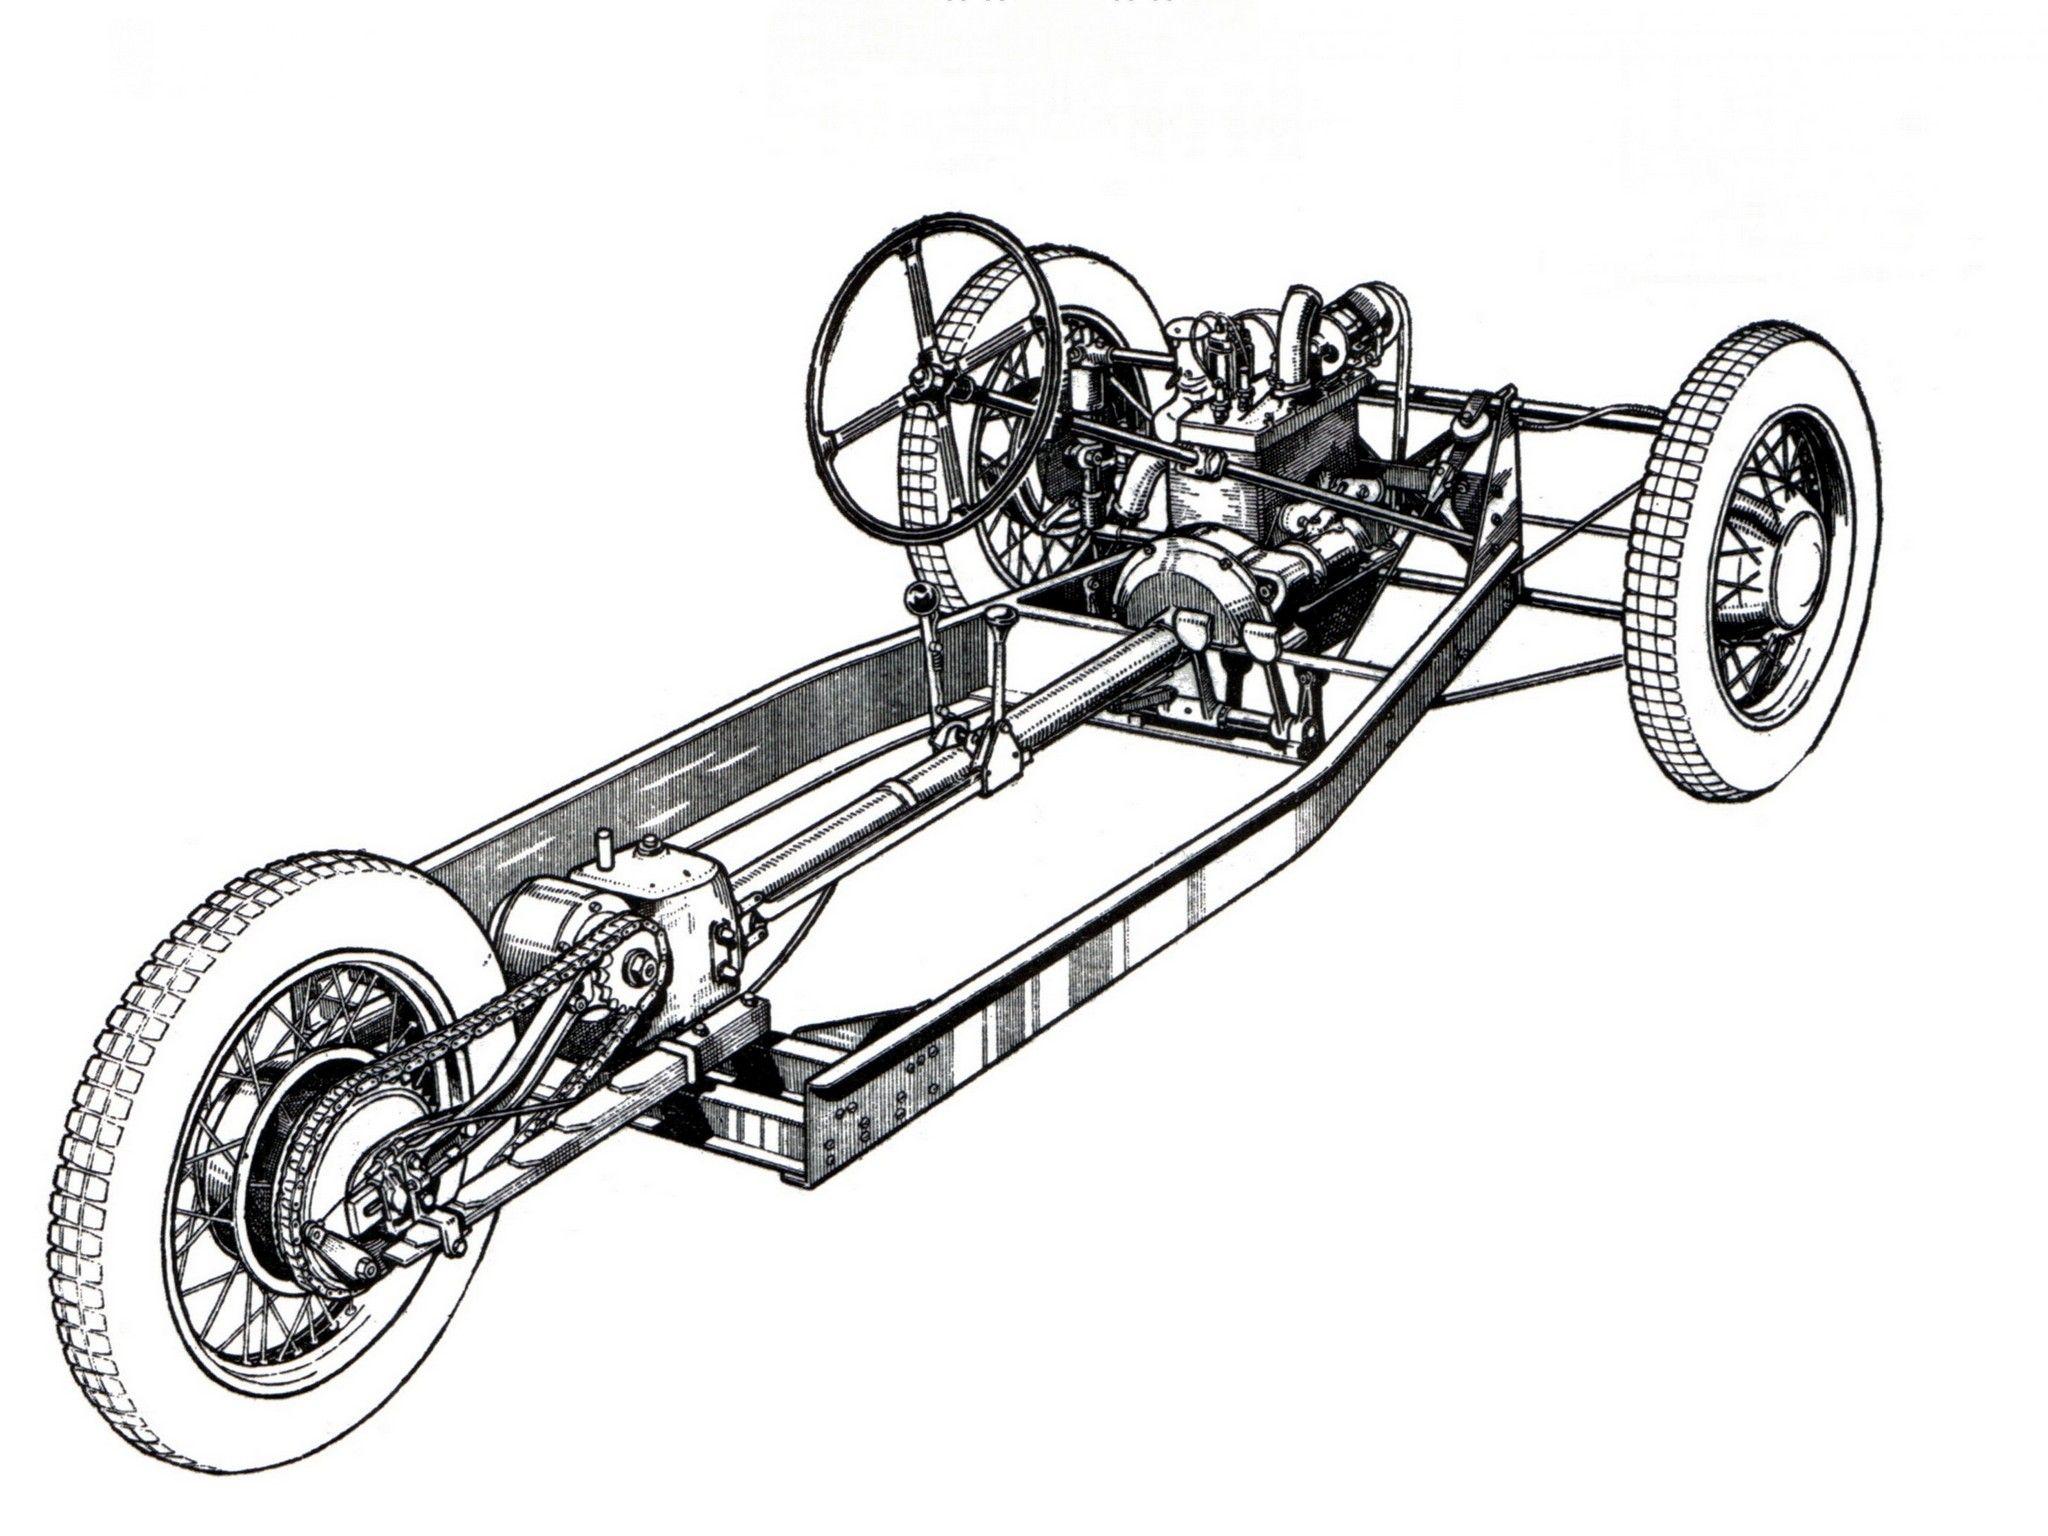 resultado de imagen para chasis de hot rod chassis works t